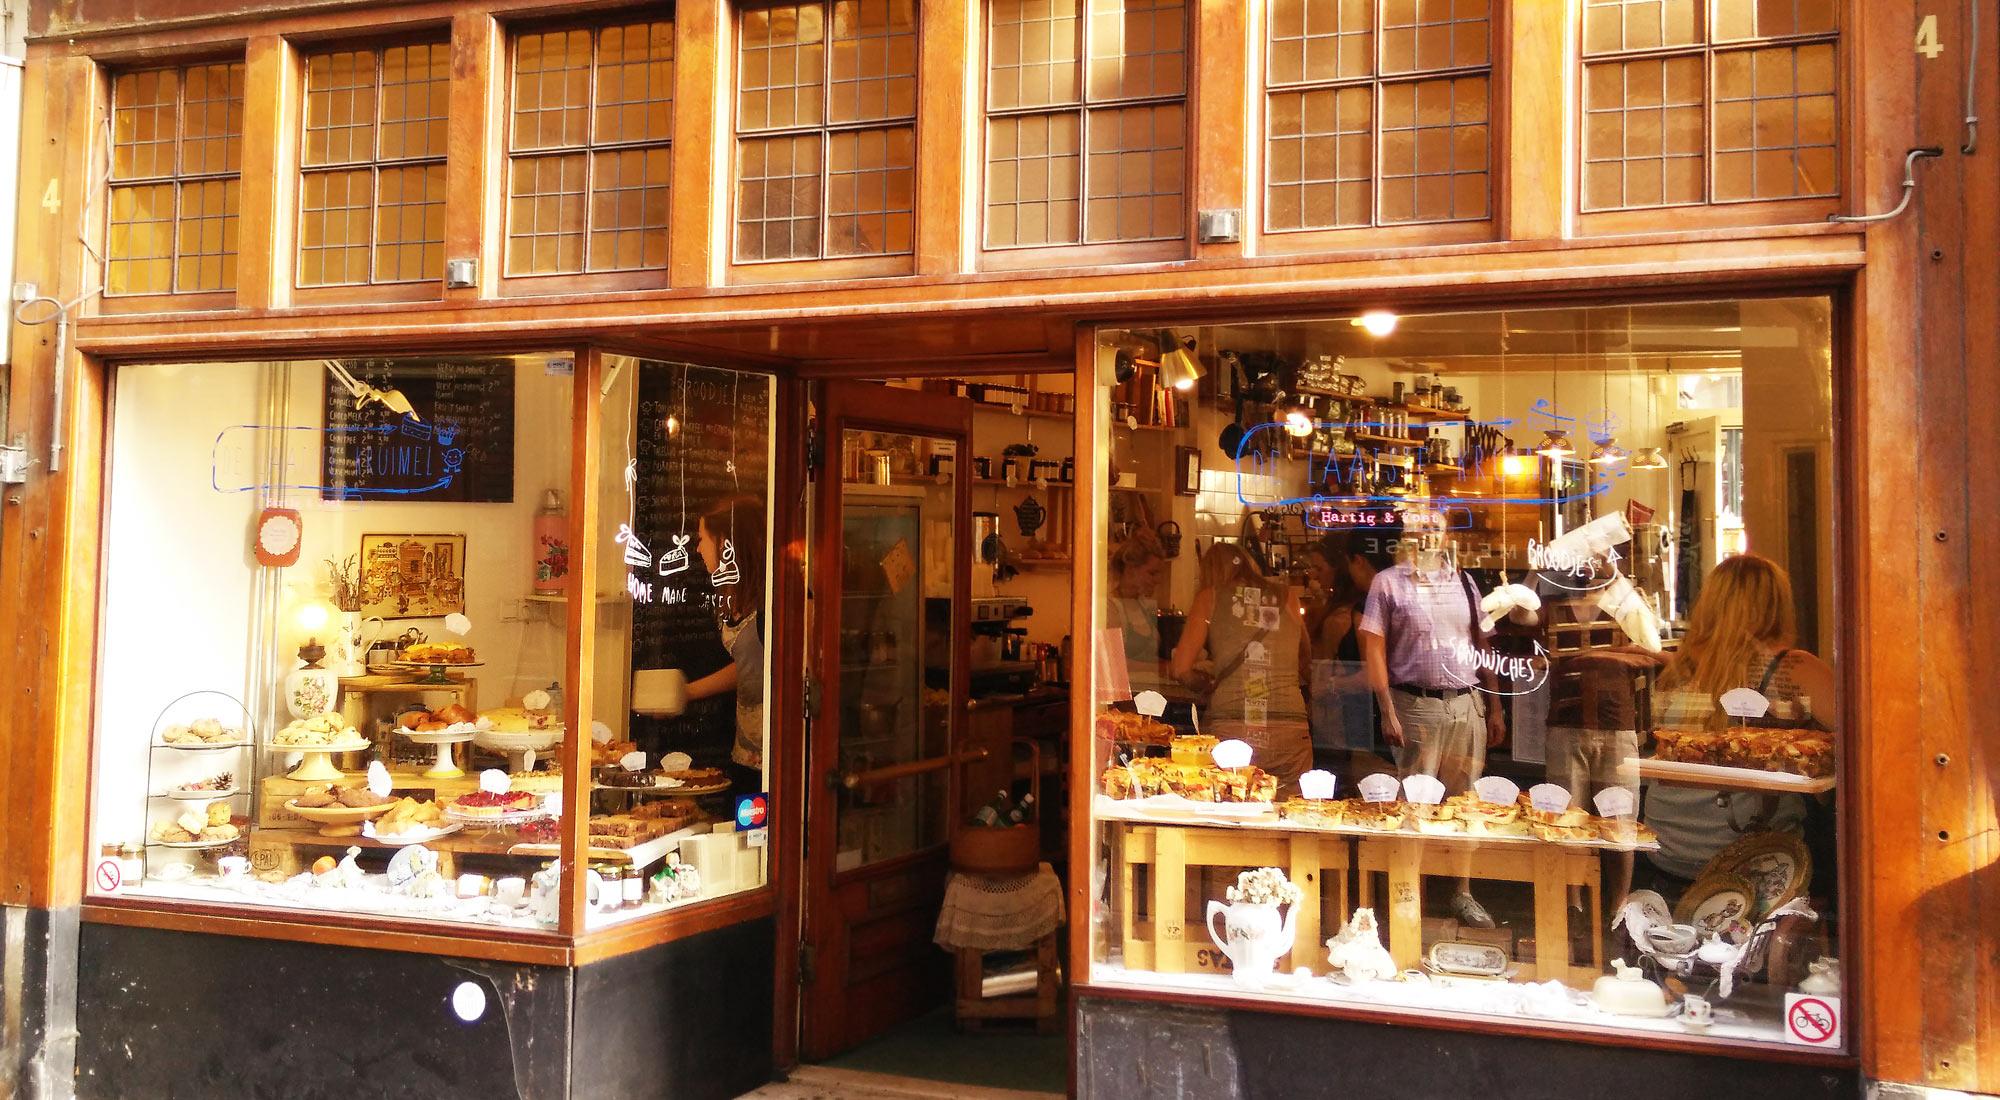 Bakery De Laatste Kruimel in Amsterdam